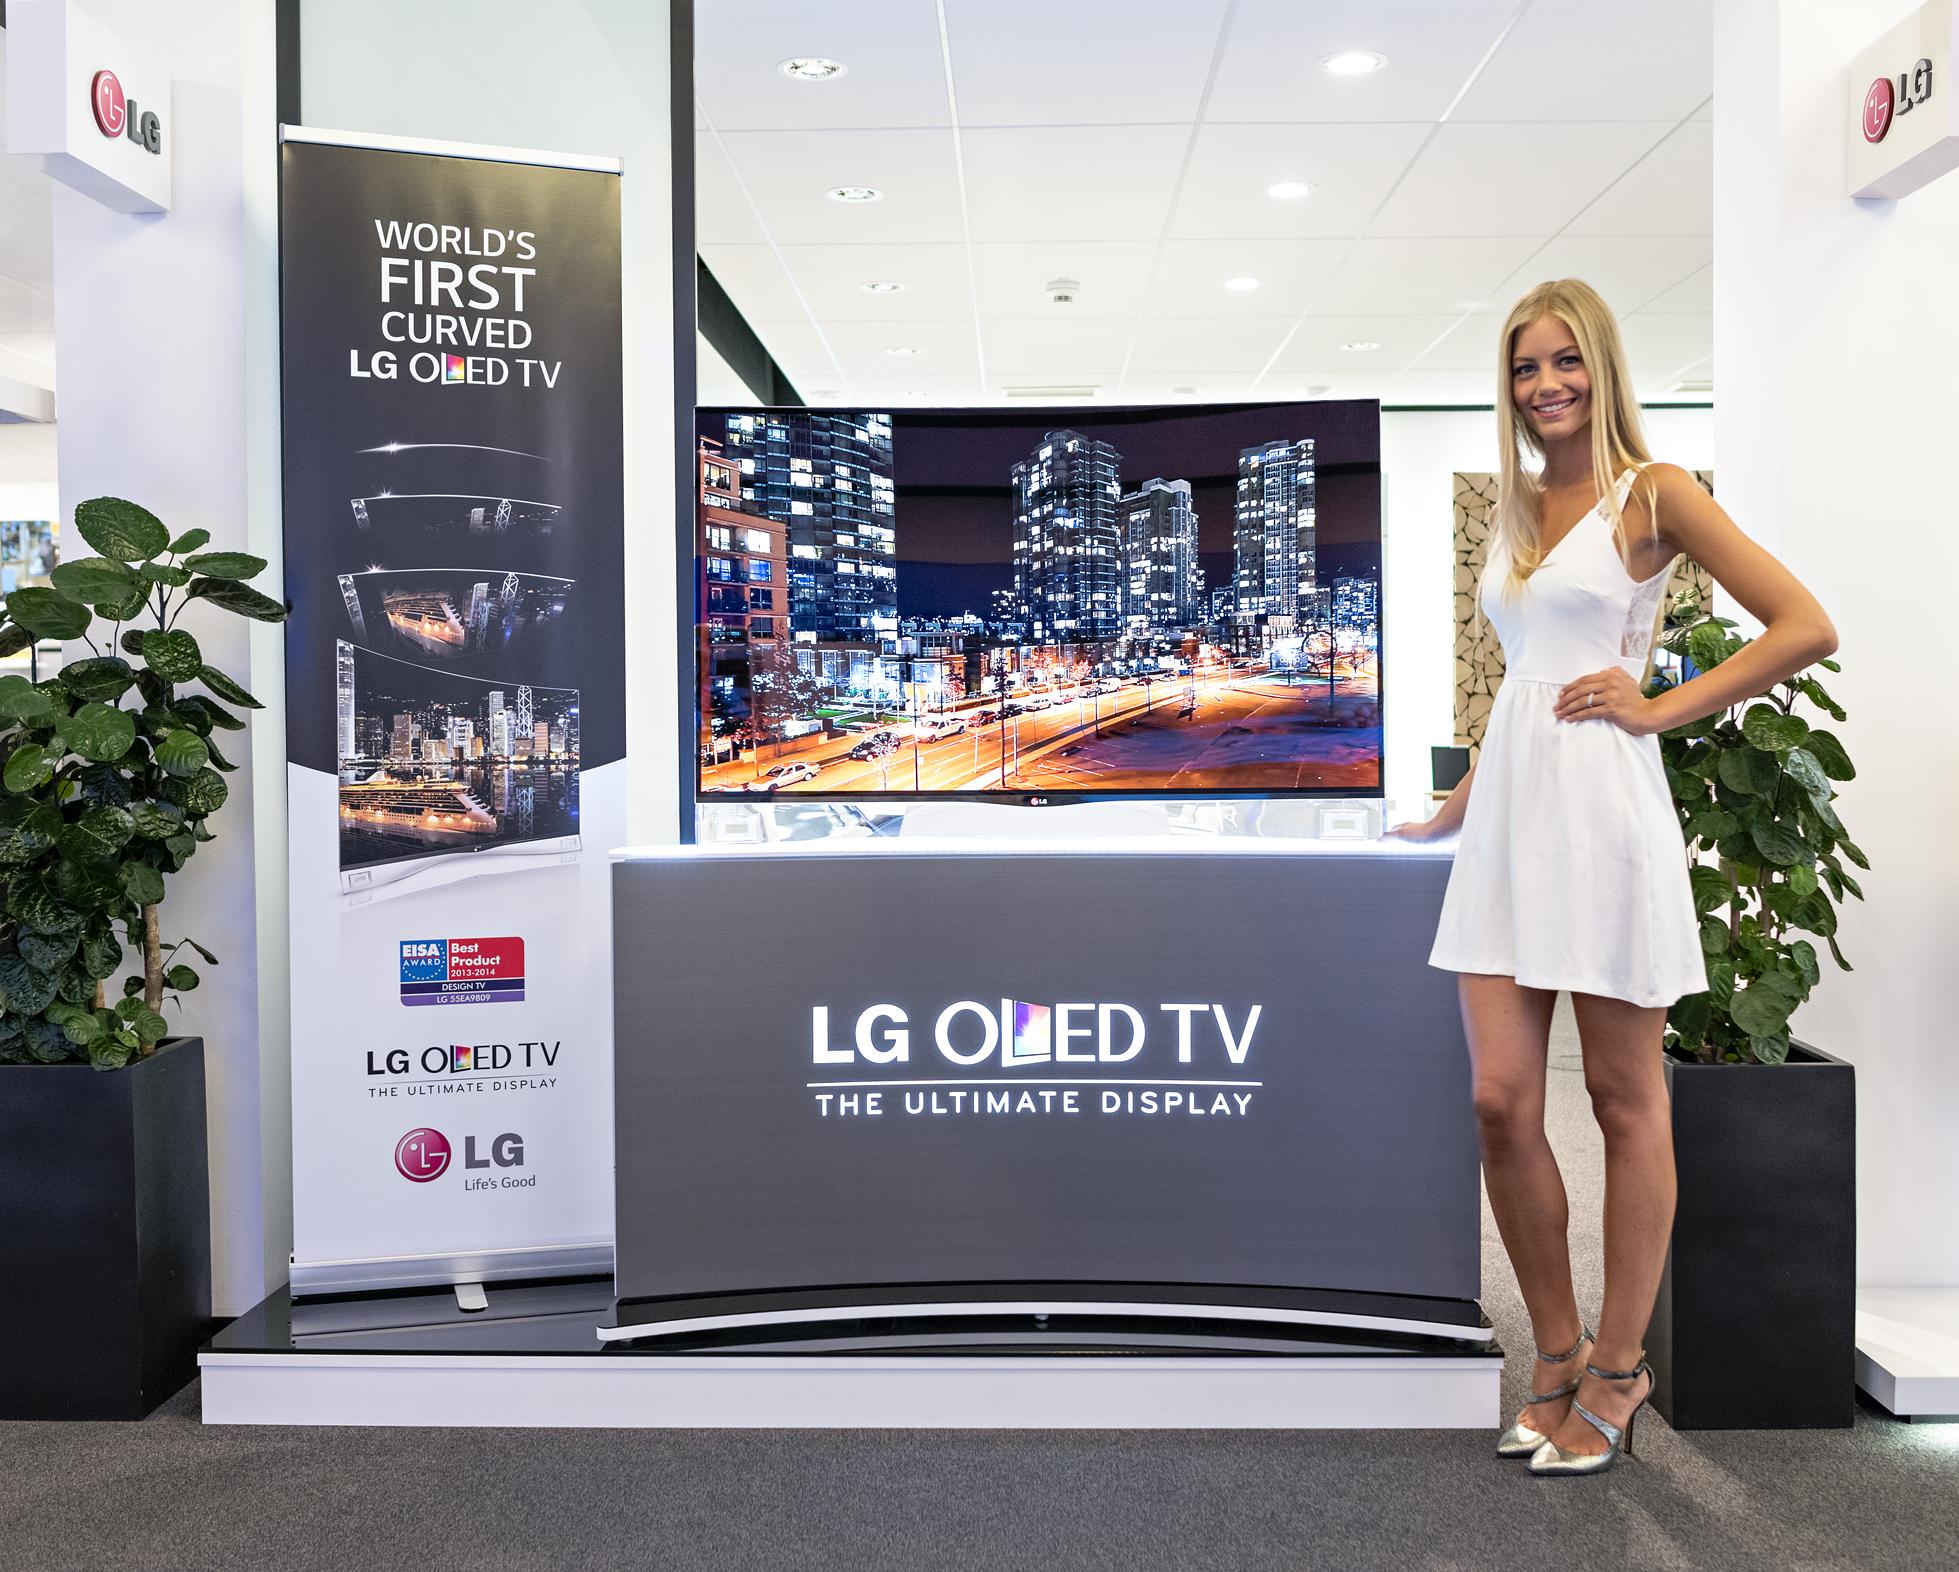 A model is demonstrating LG CURVED OLED TV model 55EA9800